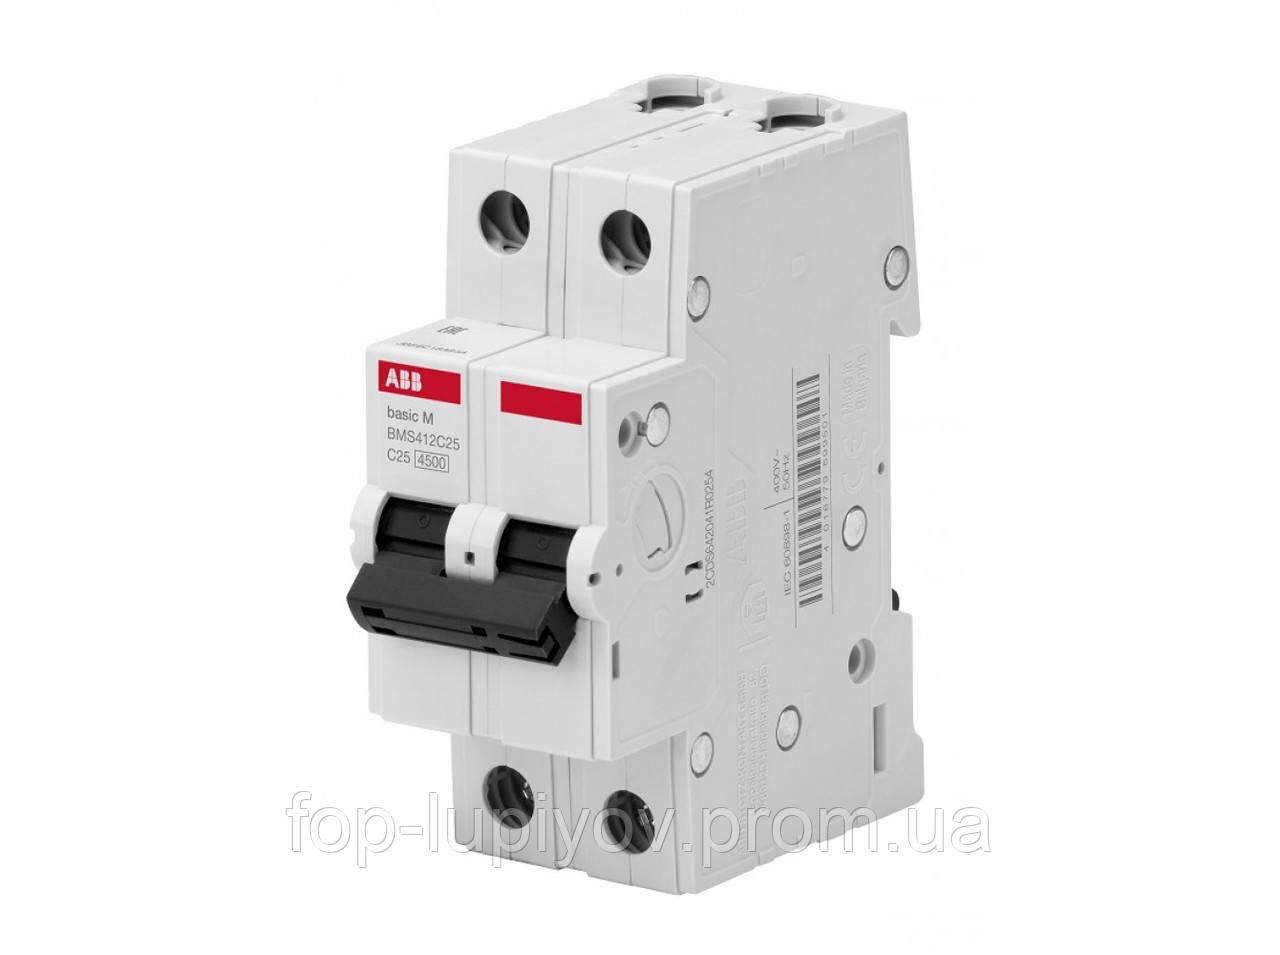 Автоматический выключатель BMS412C10, 2Р 10А 4.5 кА х-ка C, ABB